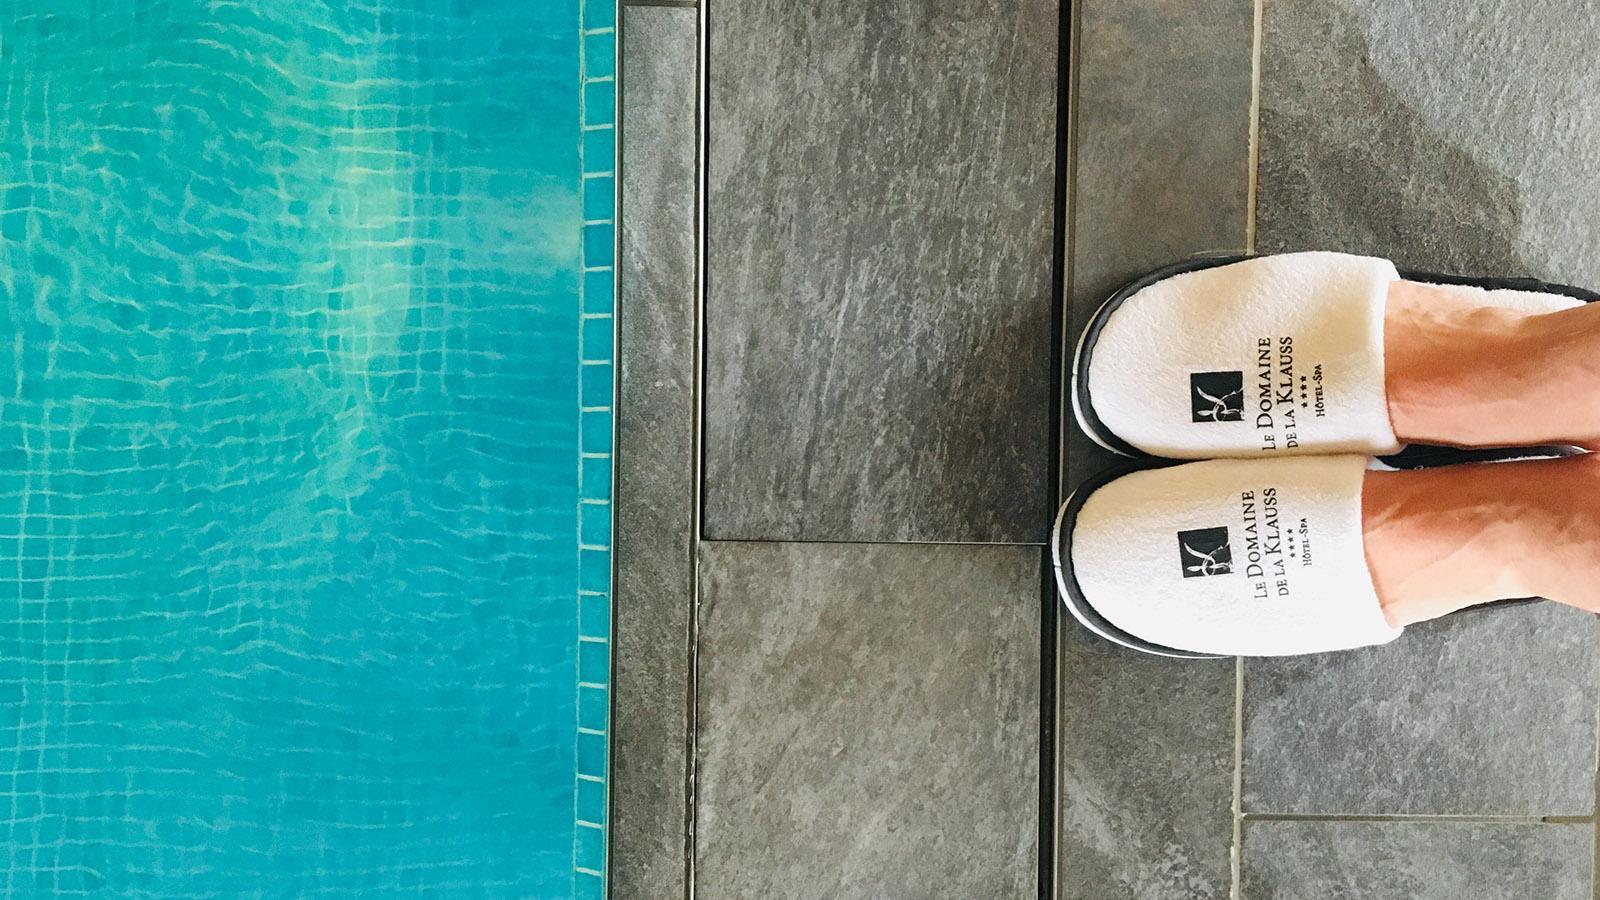 Domainer de la Klauss. Für den Spa-Besuch liegen Bademantel und Badelatschen im Zimmerschrank. Foto: Hilke Maunder